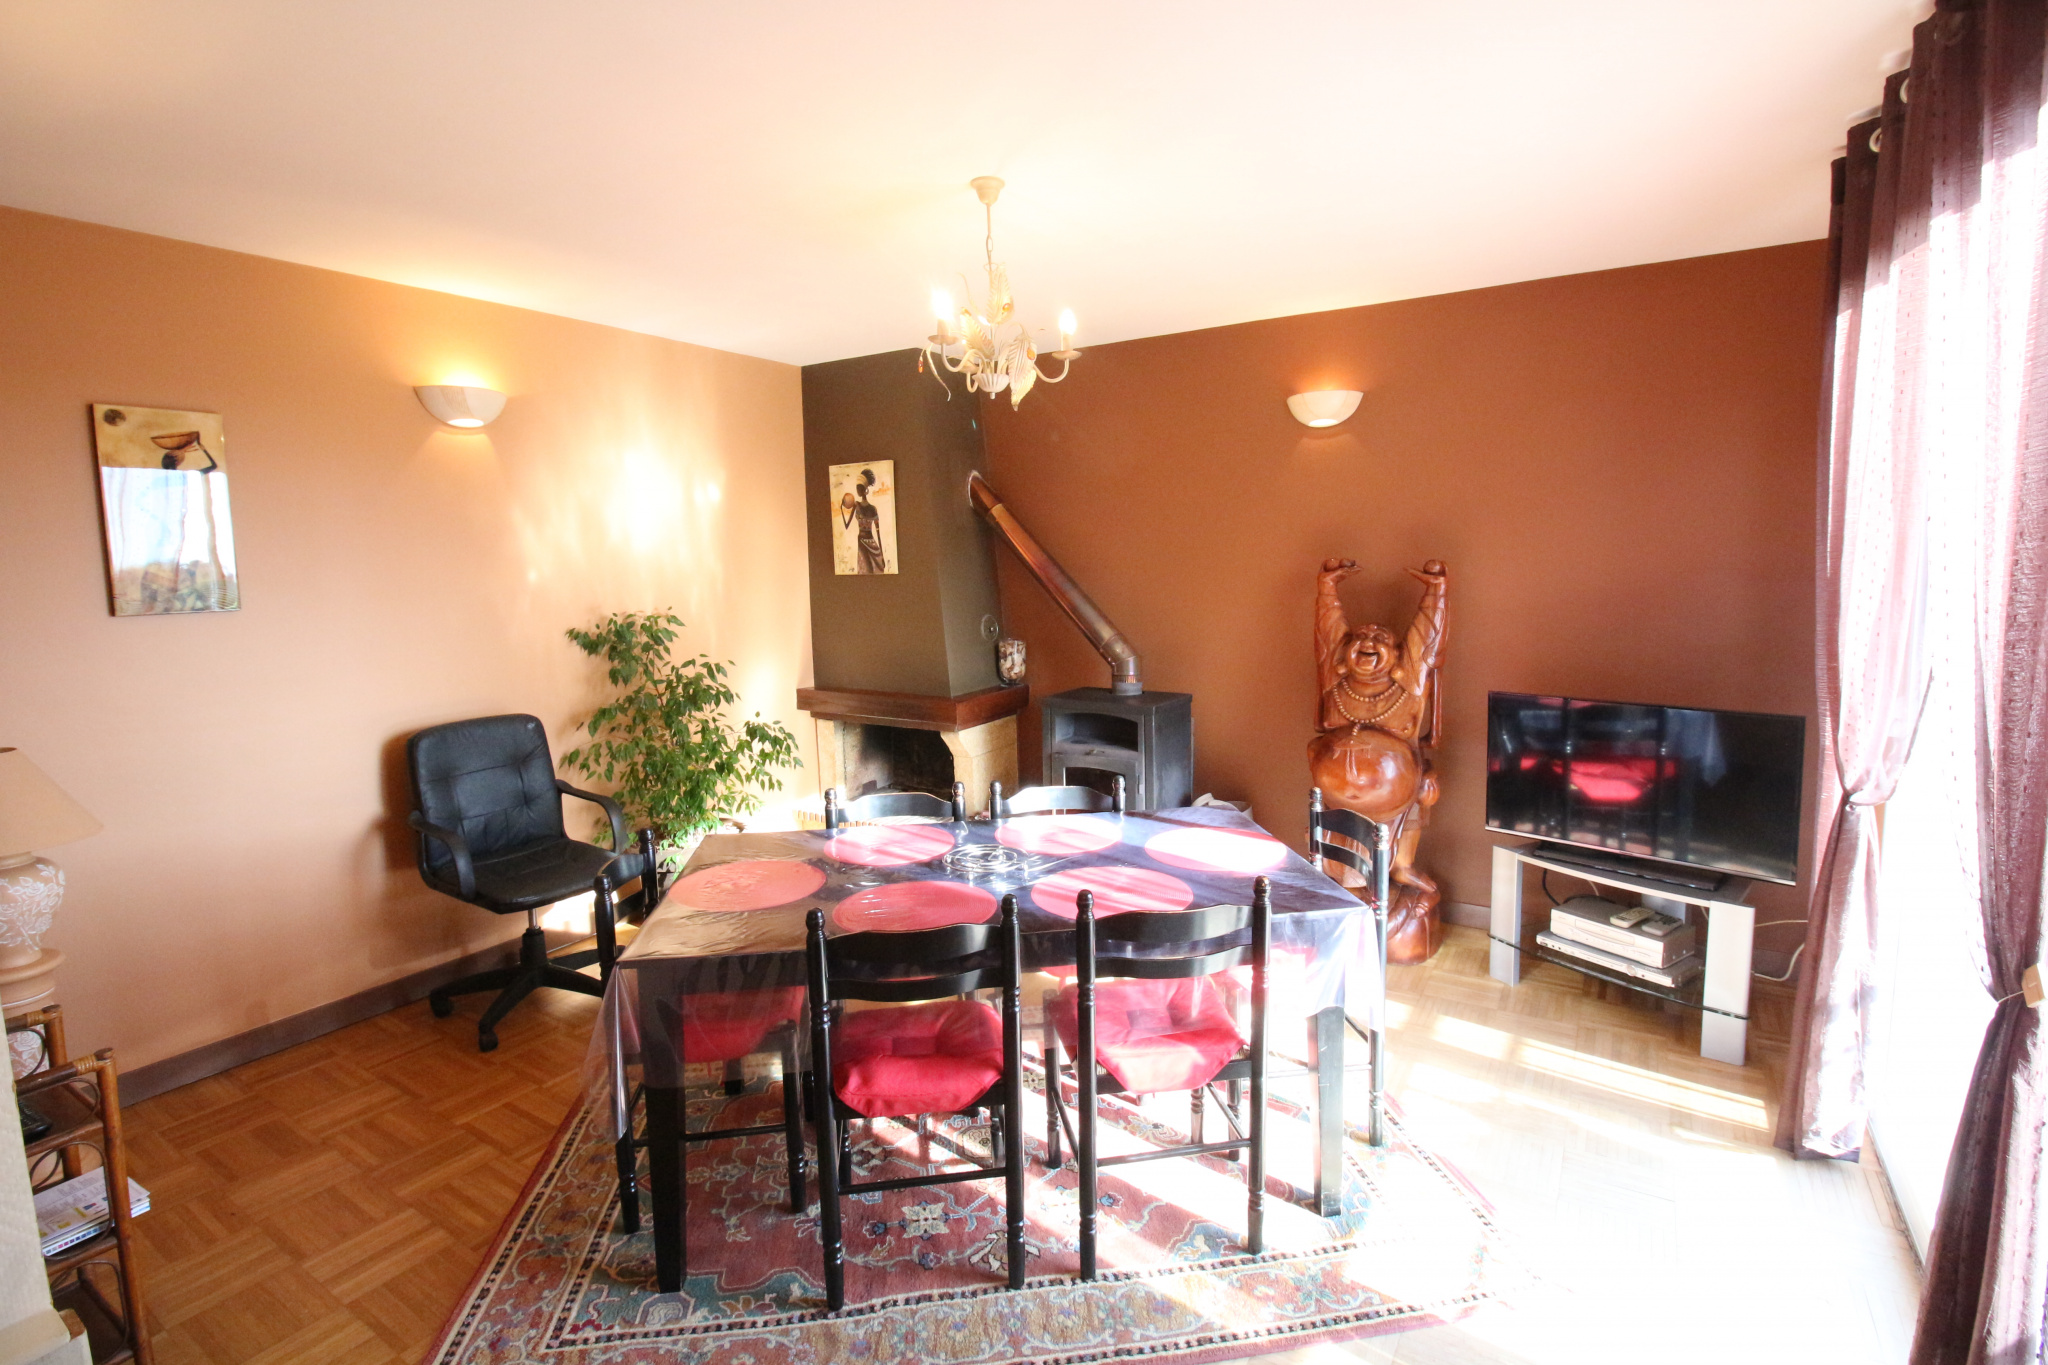 Vente maison/villa langonnet